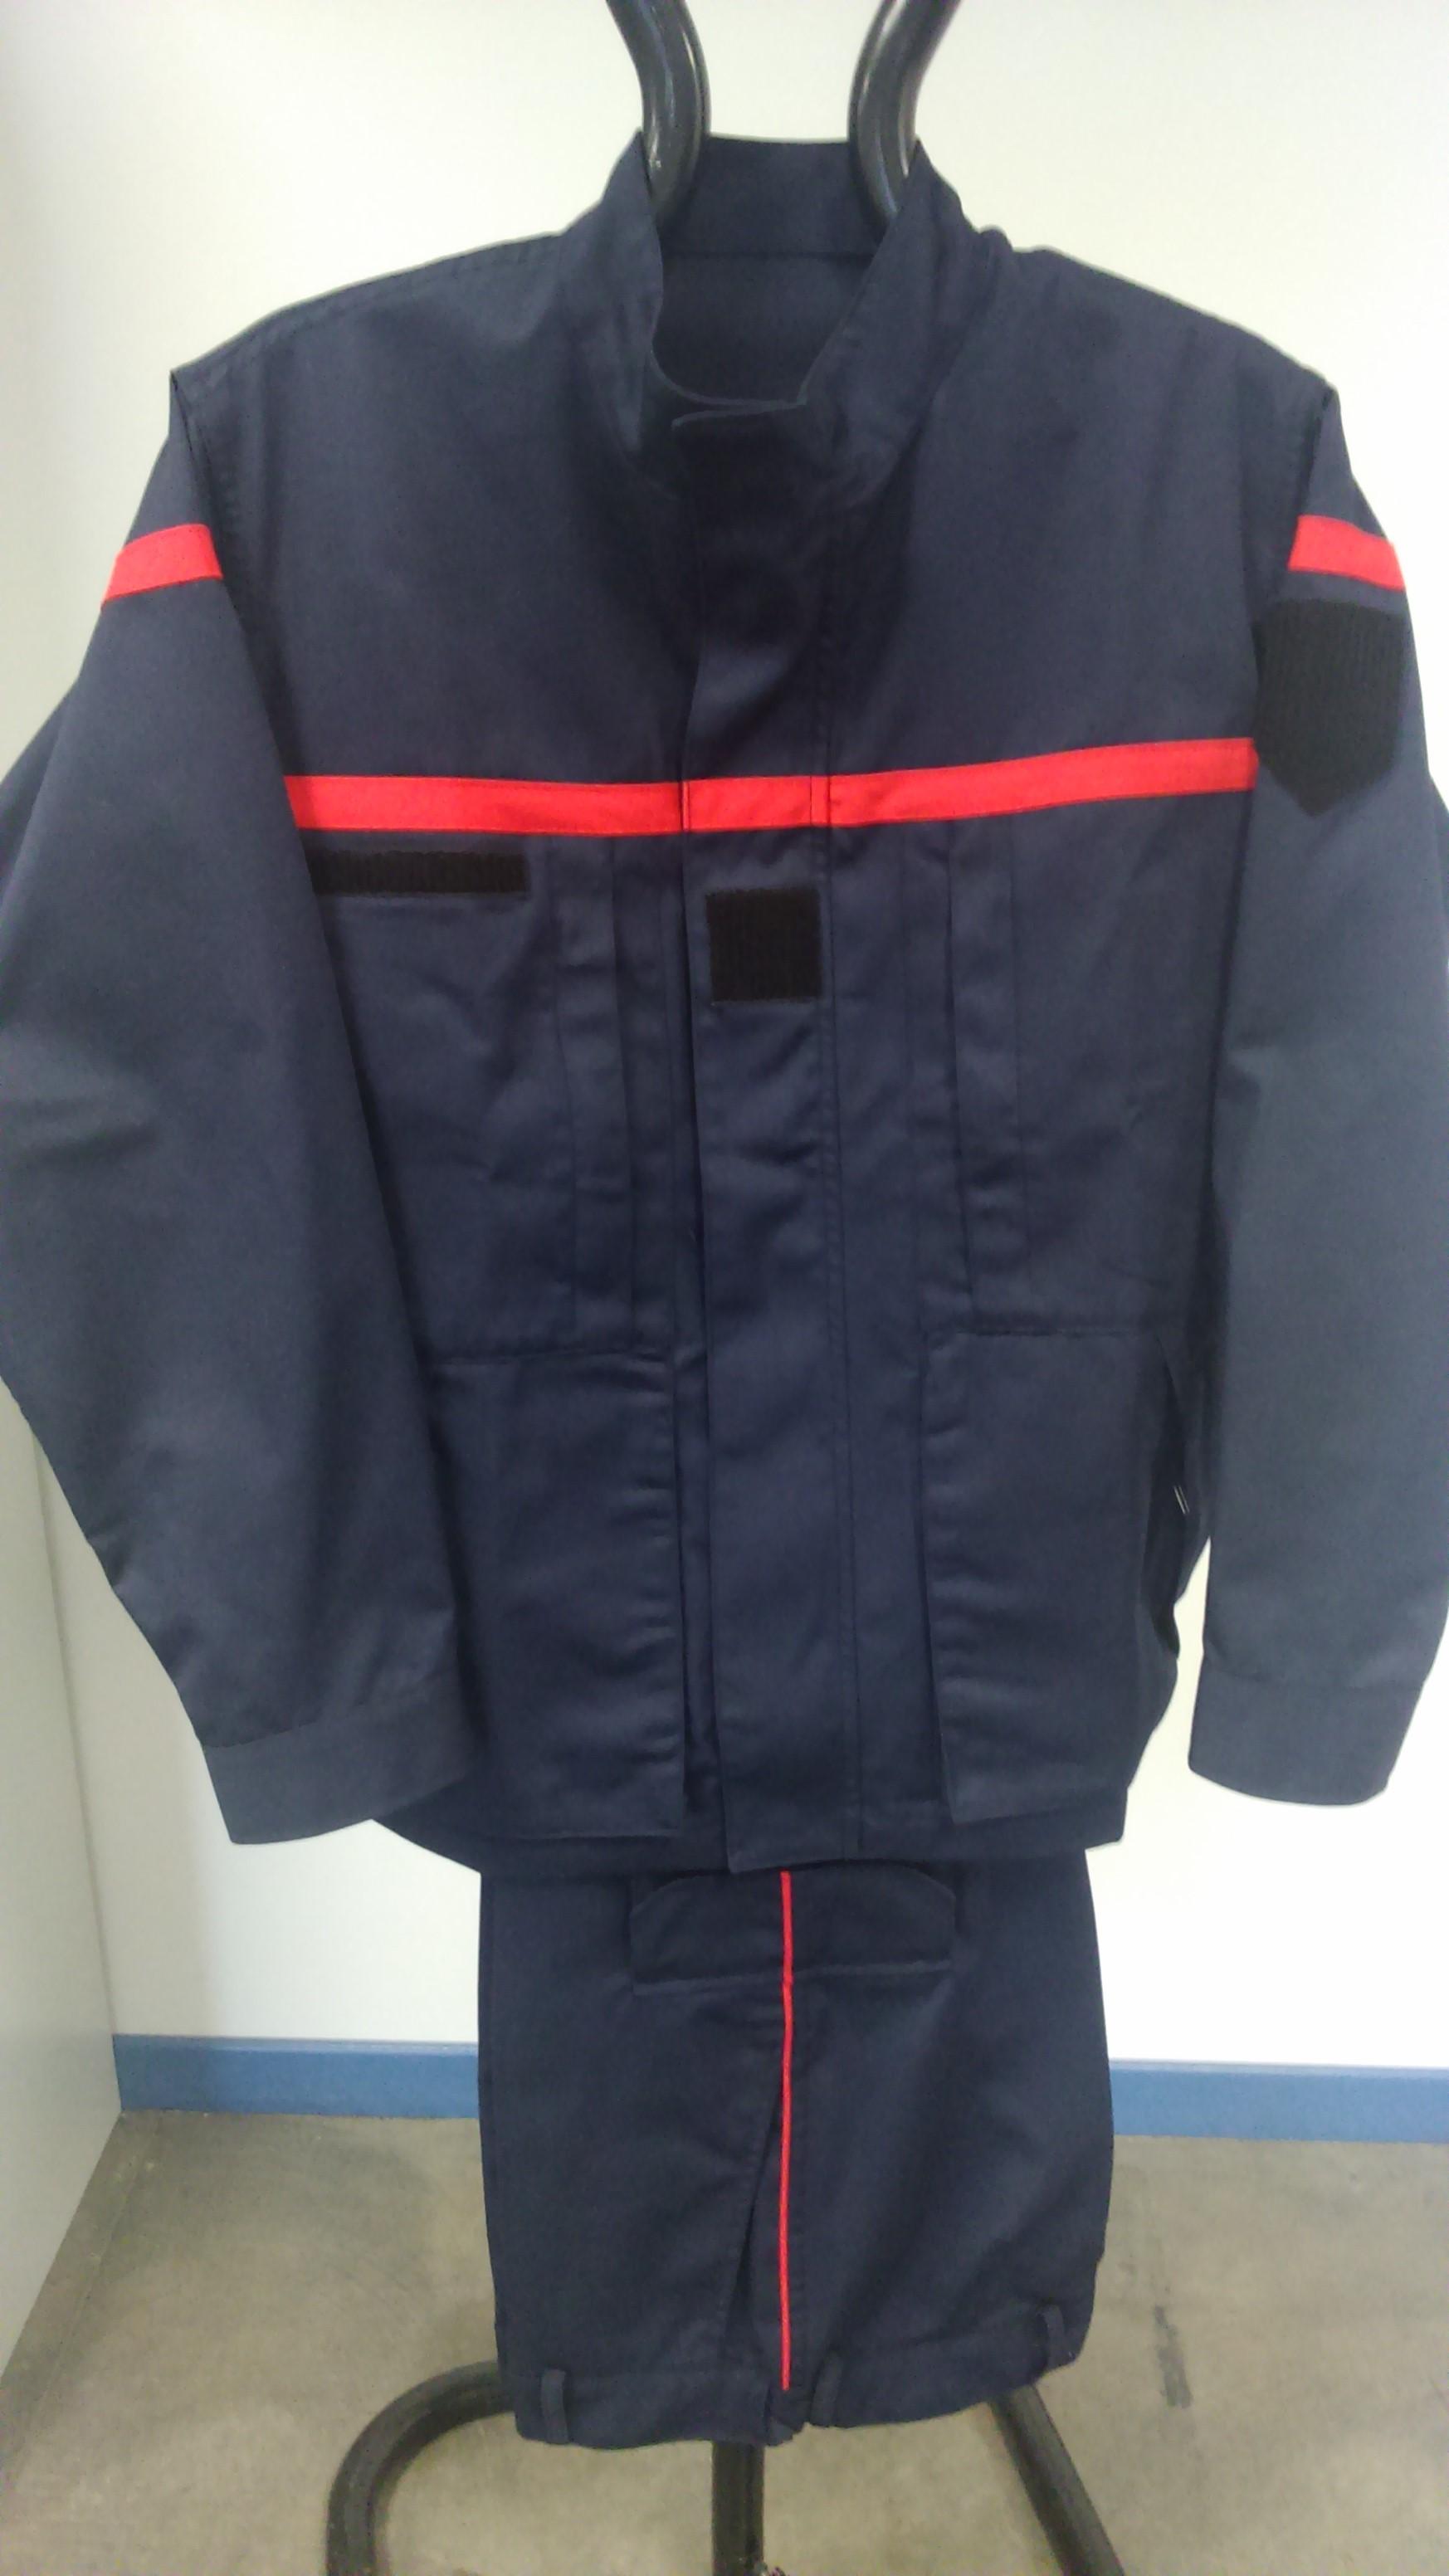 DBB Uniformes fabricant de Tenues de Service et d'Intervention pour Sapeurs-Pompiers